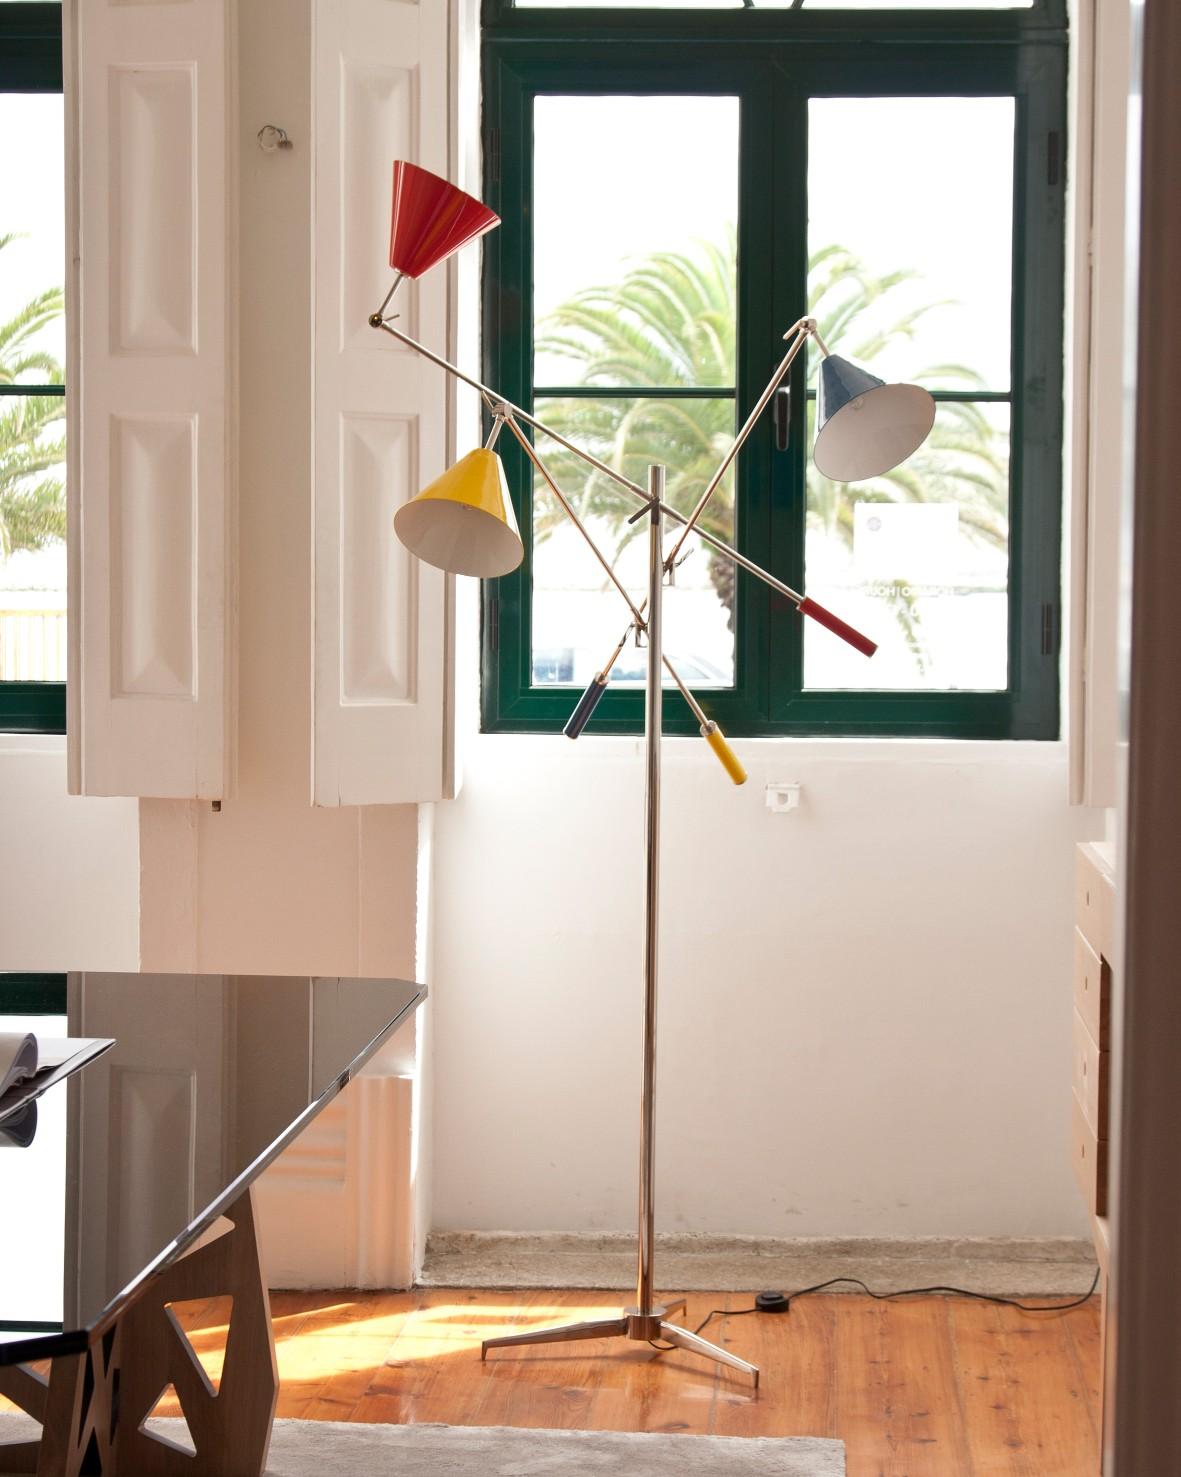 Summertime Mood Boards  Summertime mood boards Feel Inspired By These Summertime Mood Boards and Floor Lamps! Feel Inspired By These Mood Board and Floor Lamps 6